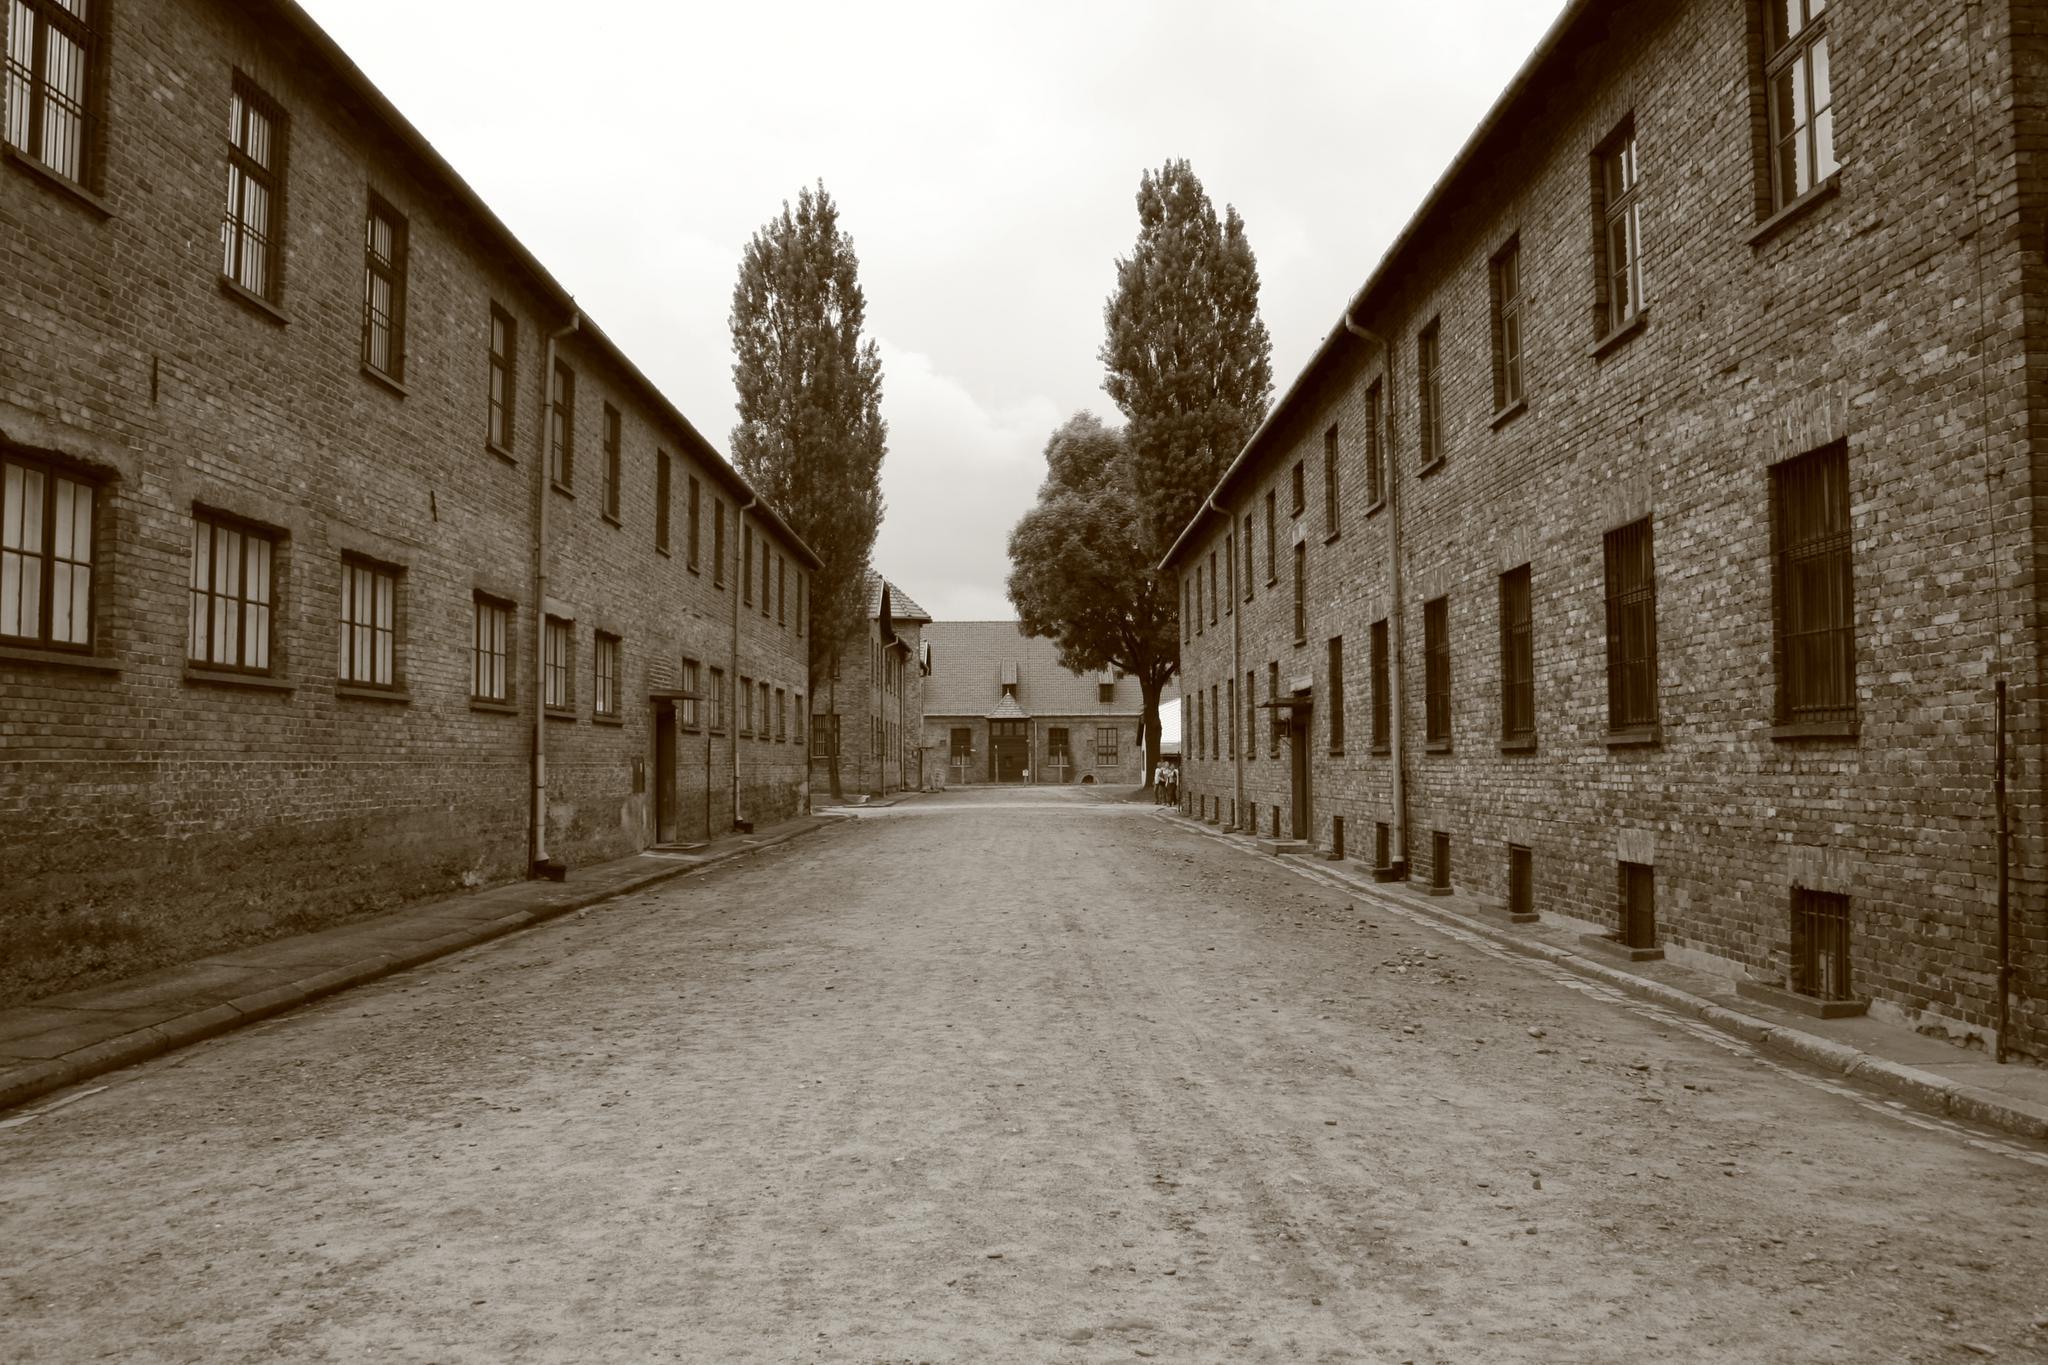 Cell blocks at Auschwitz, Poland.